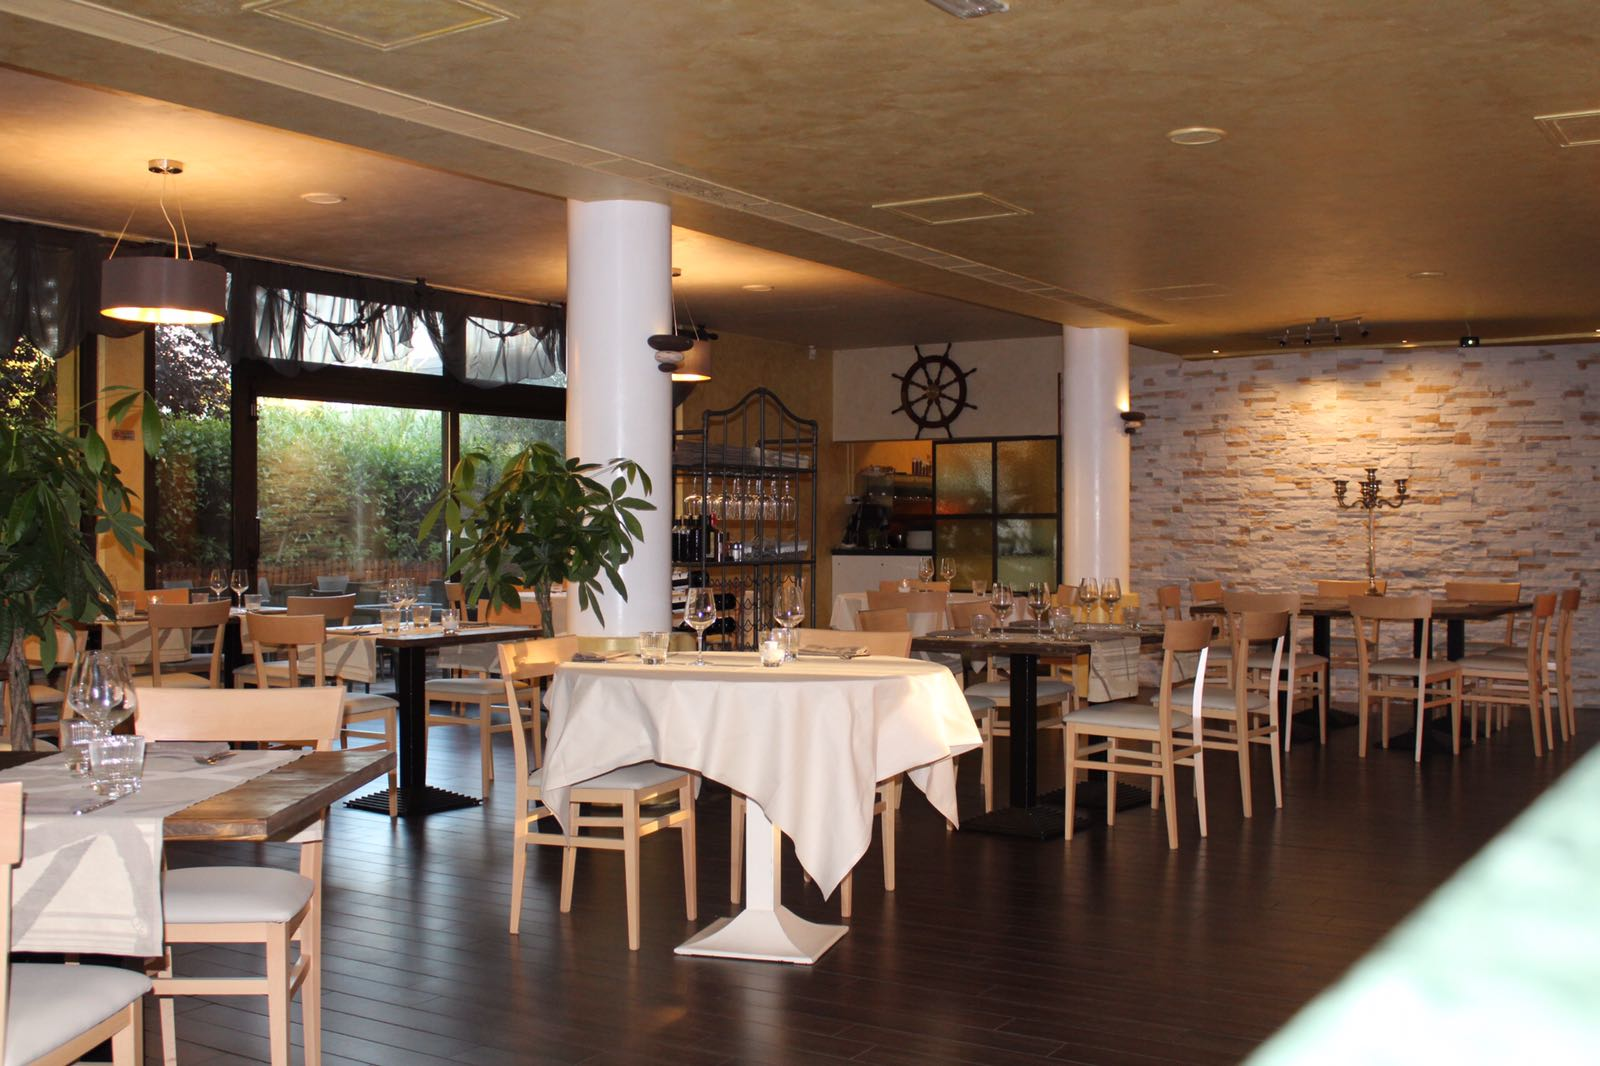 Interno del ristorante in prospettiva con tavoli apparecchiati